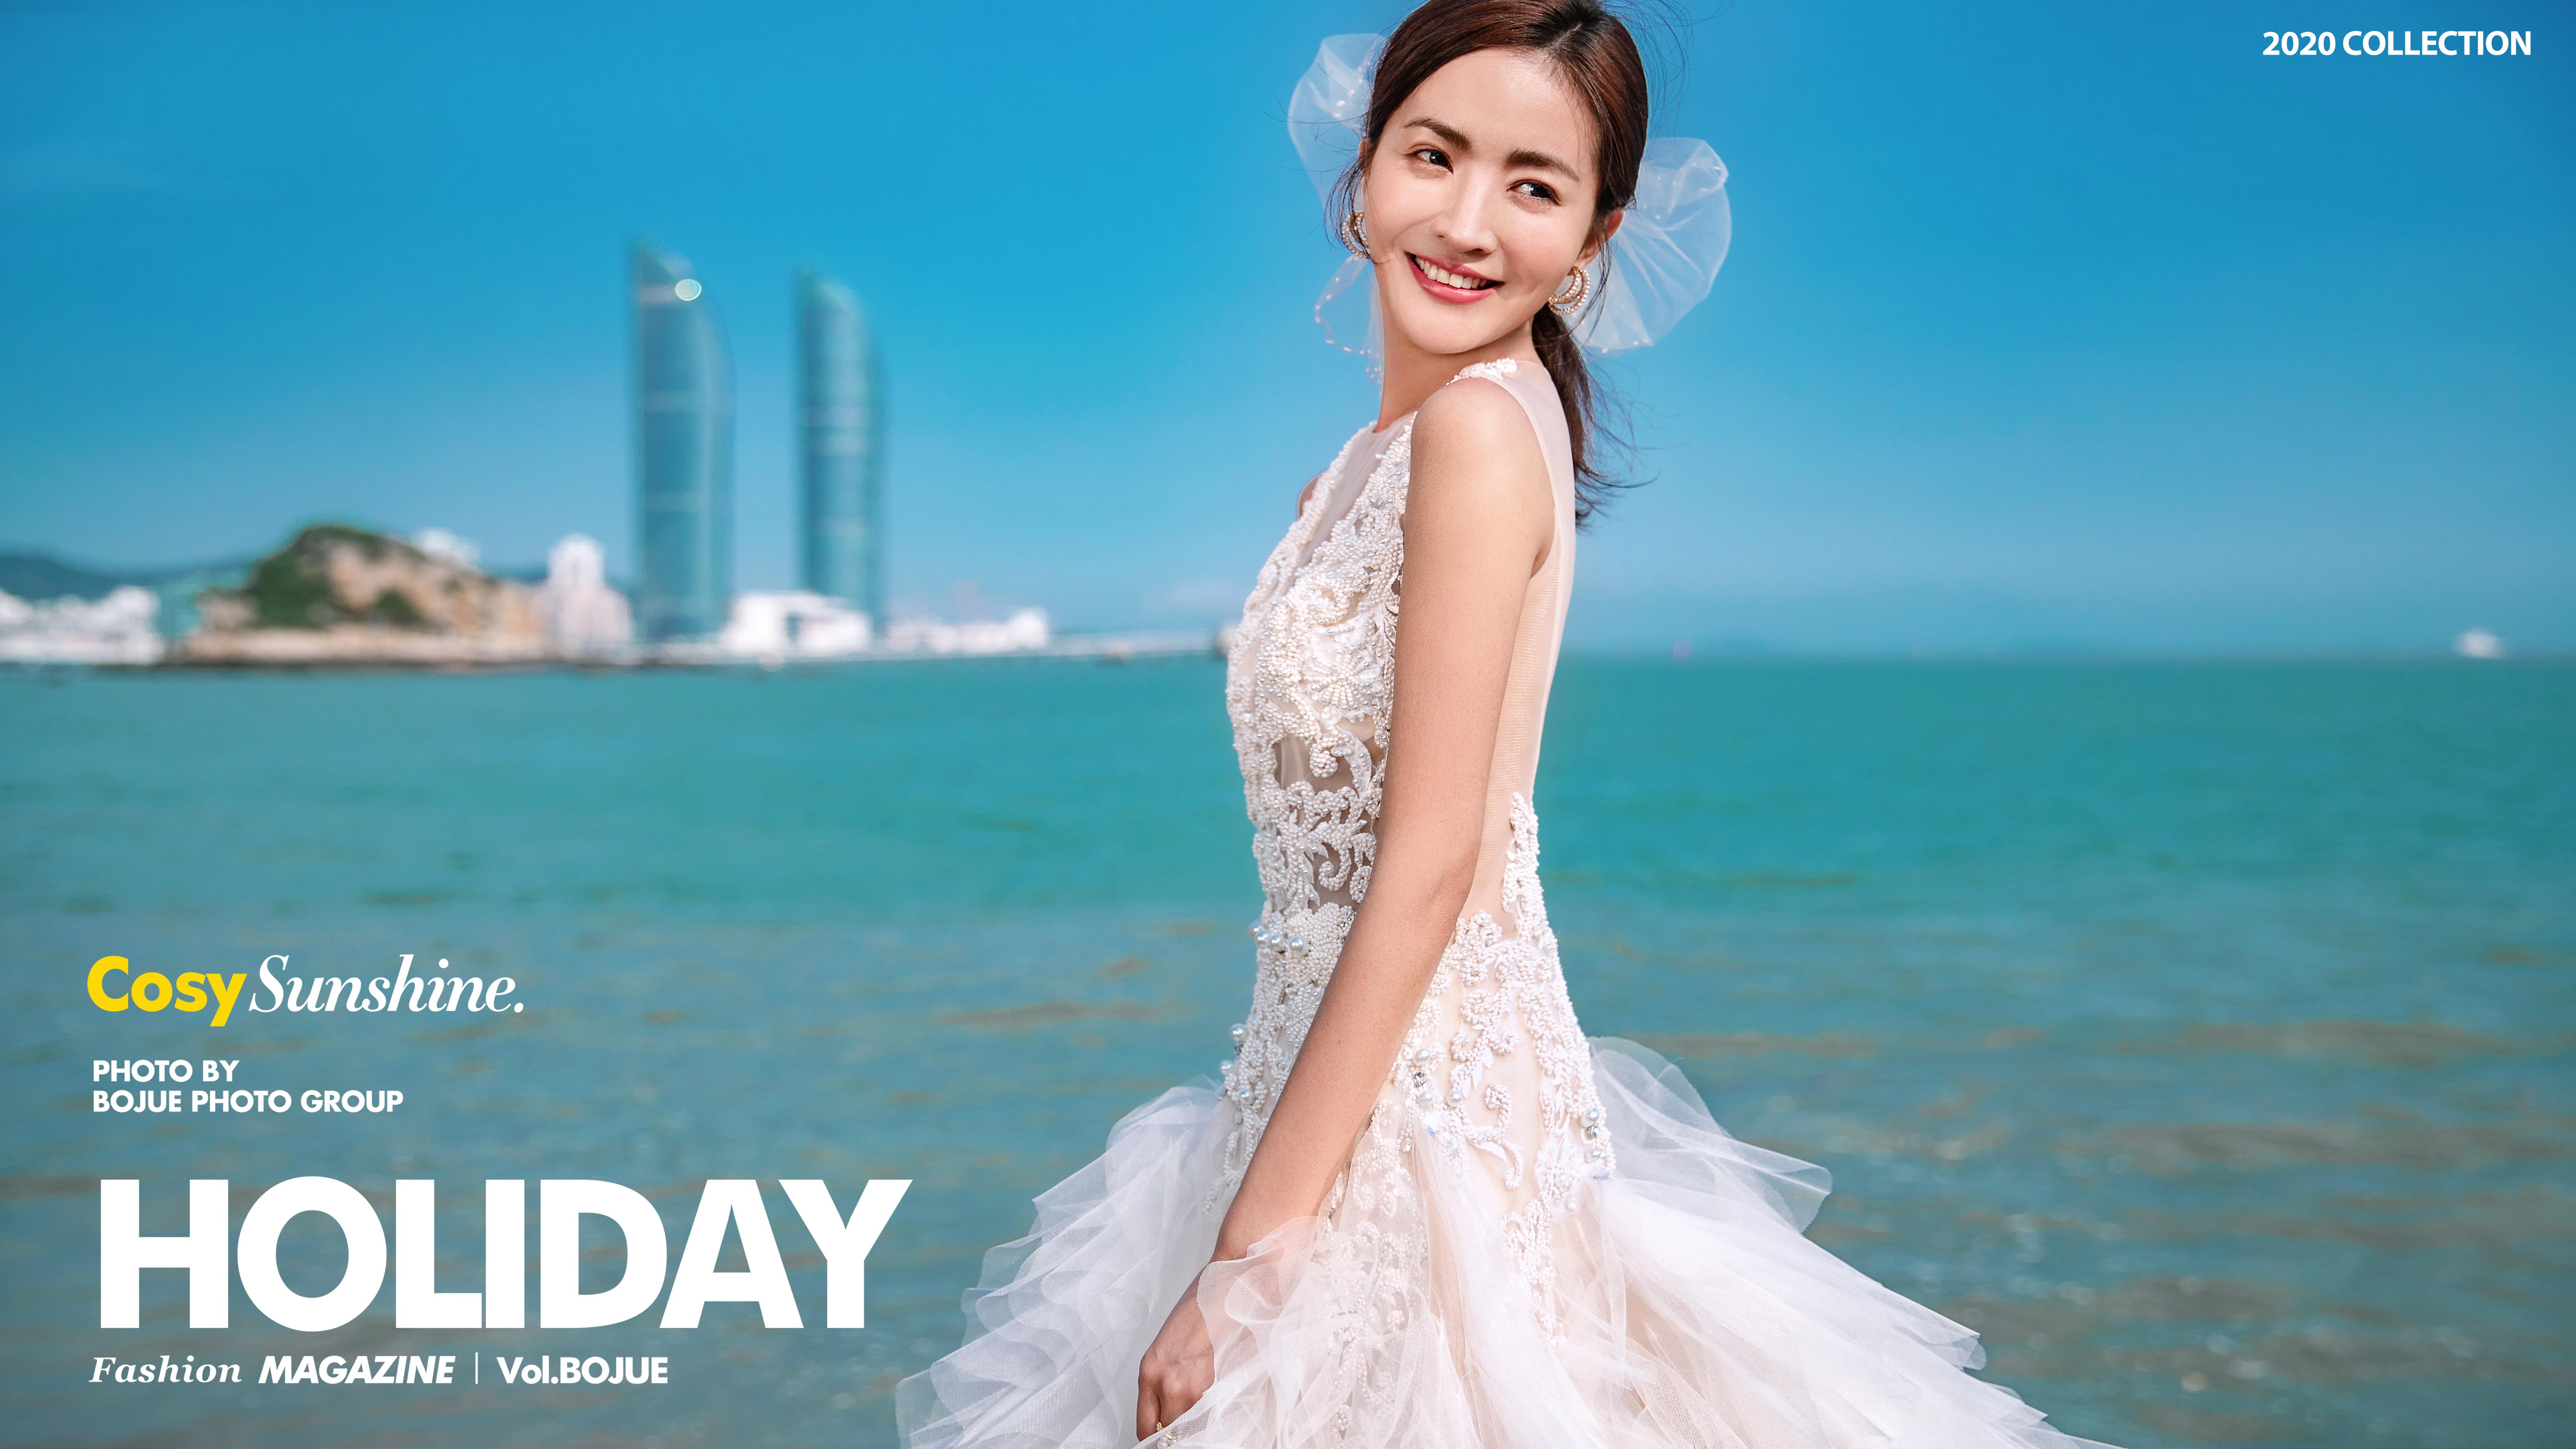 婚纱摄影要避免哪些隐形消费 厦门婚纱摄影选择注意事项